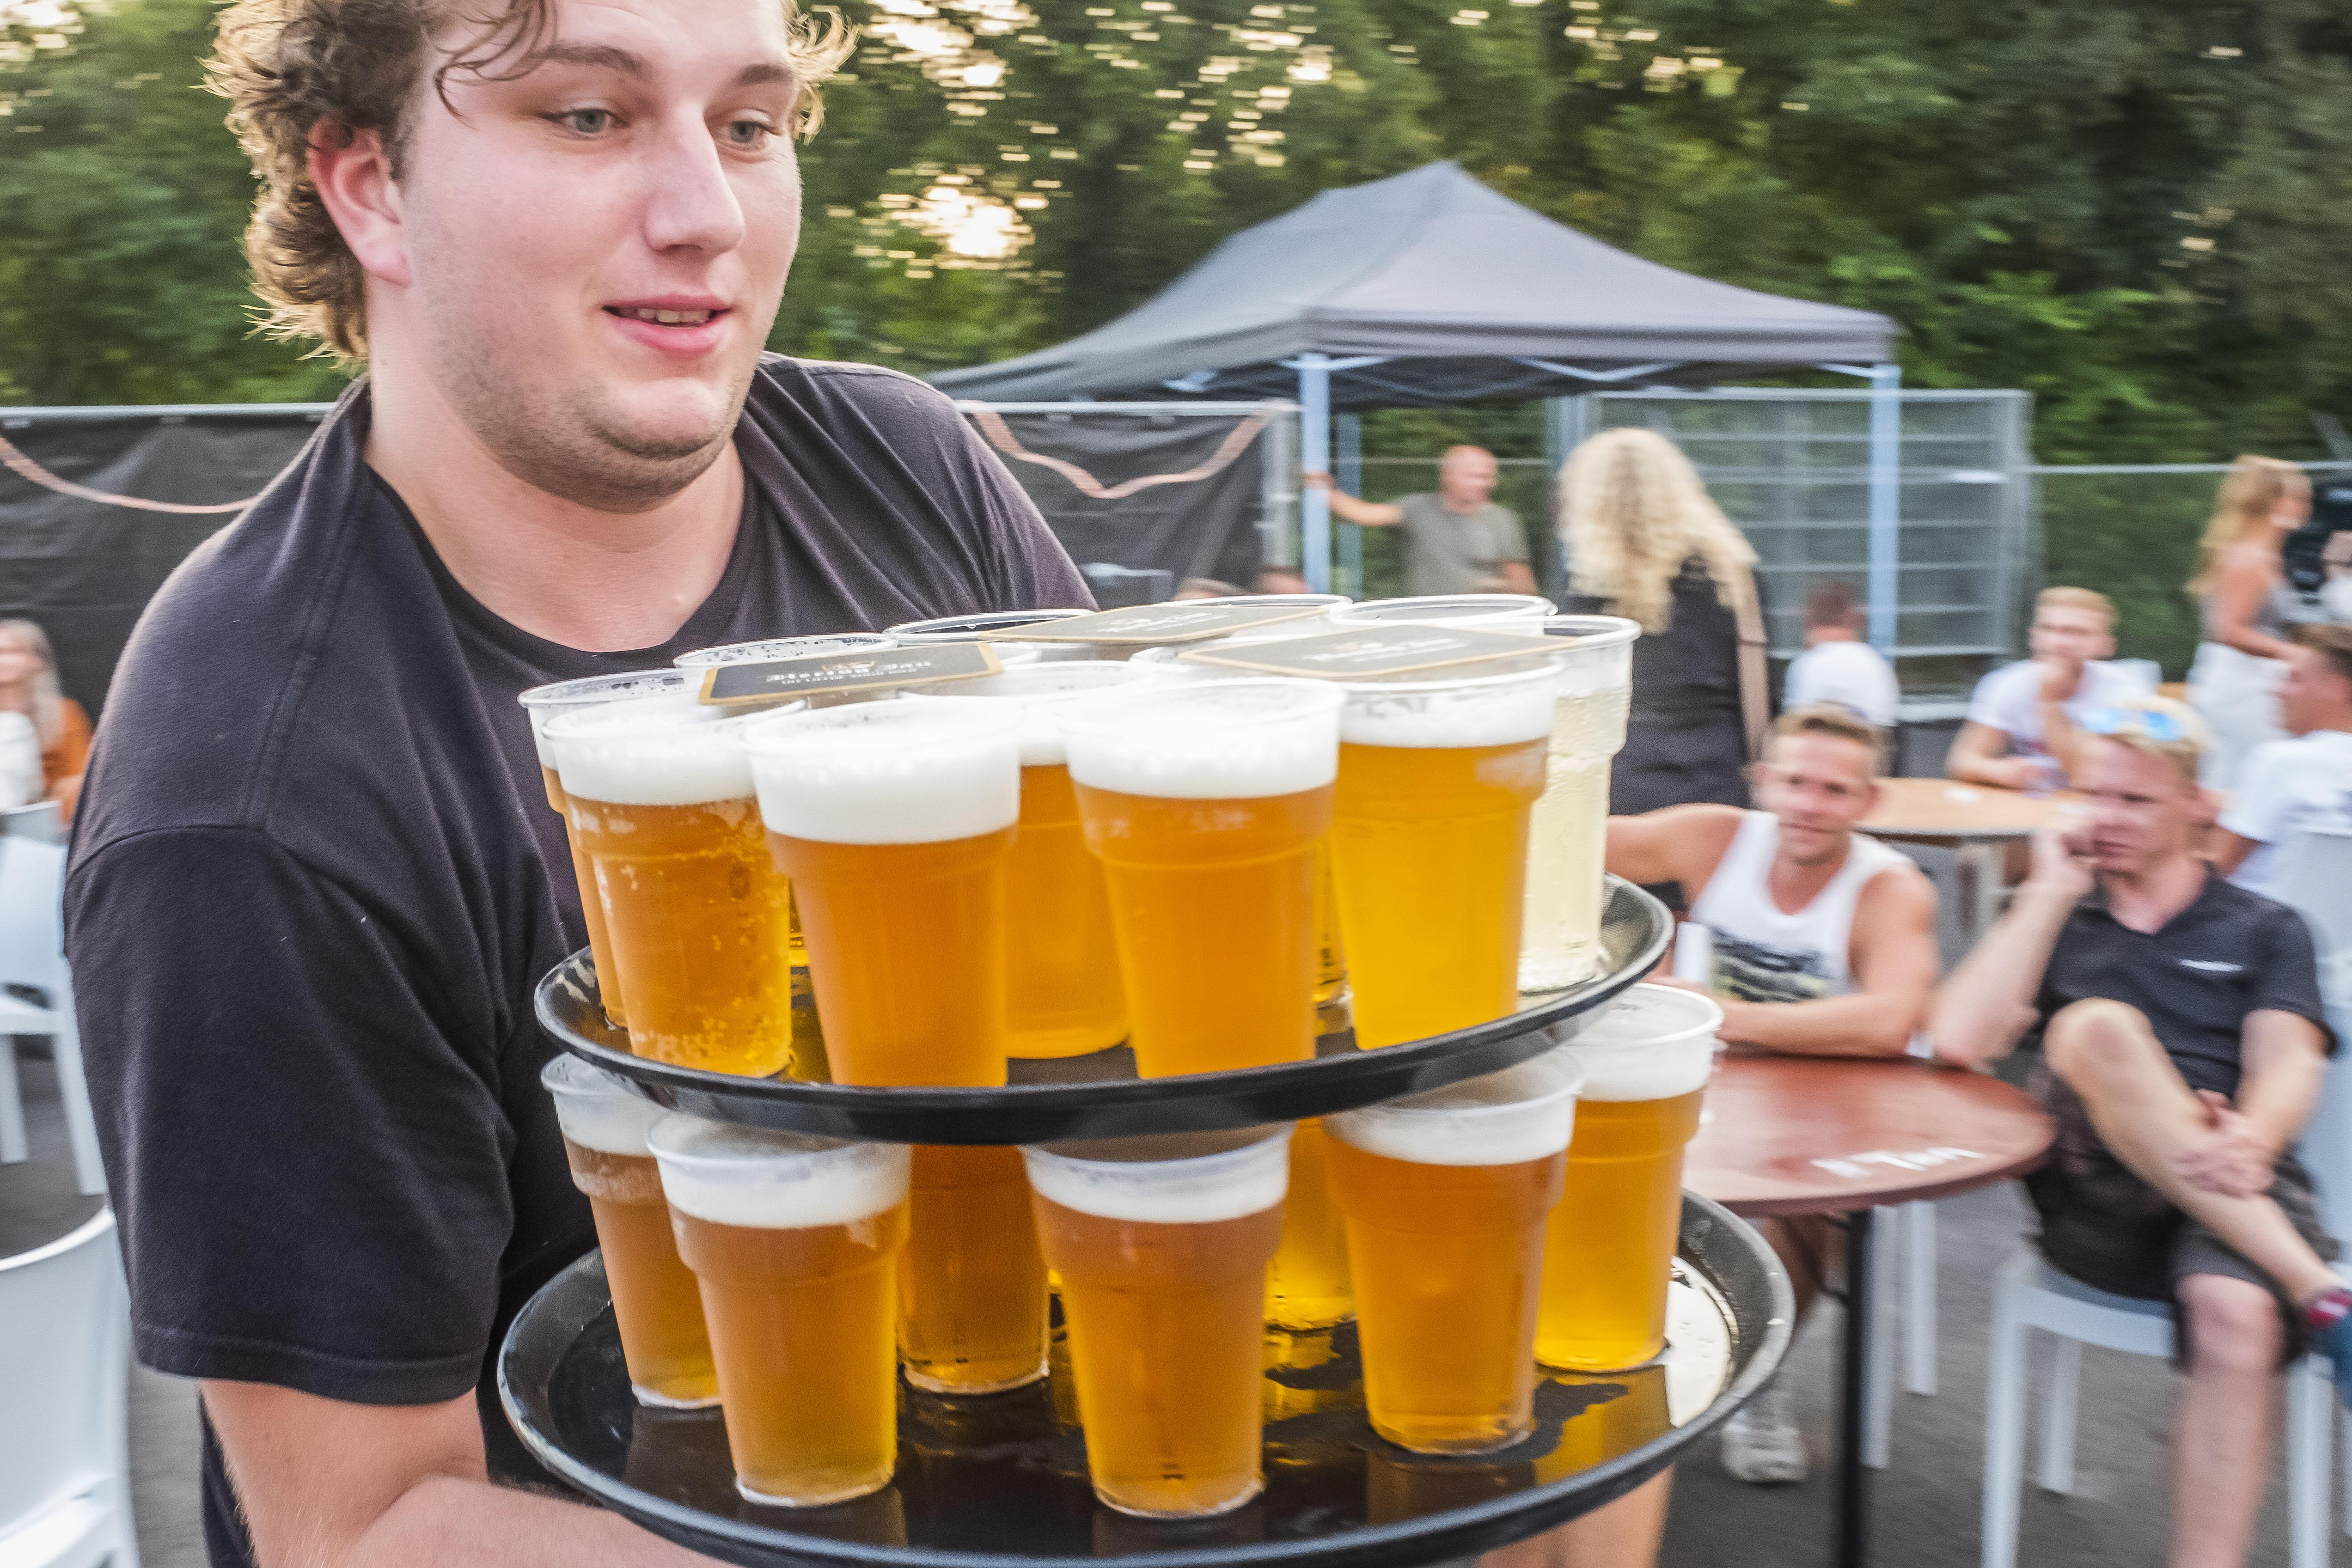 Dorpskermis in coronatijd: Gezelligheid proeft als verschraald bier | In 60 seconden